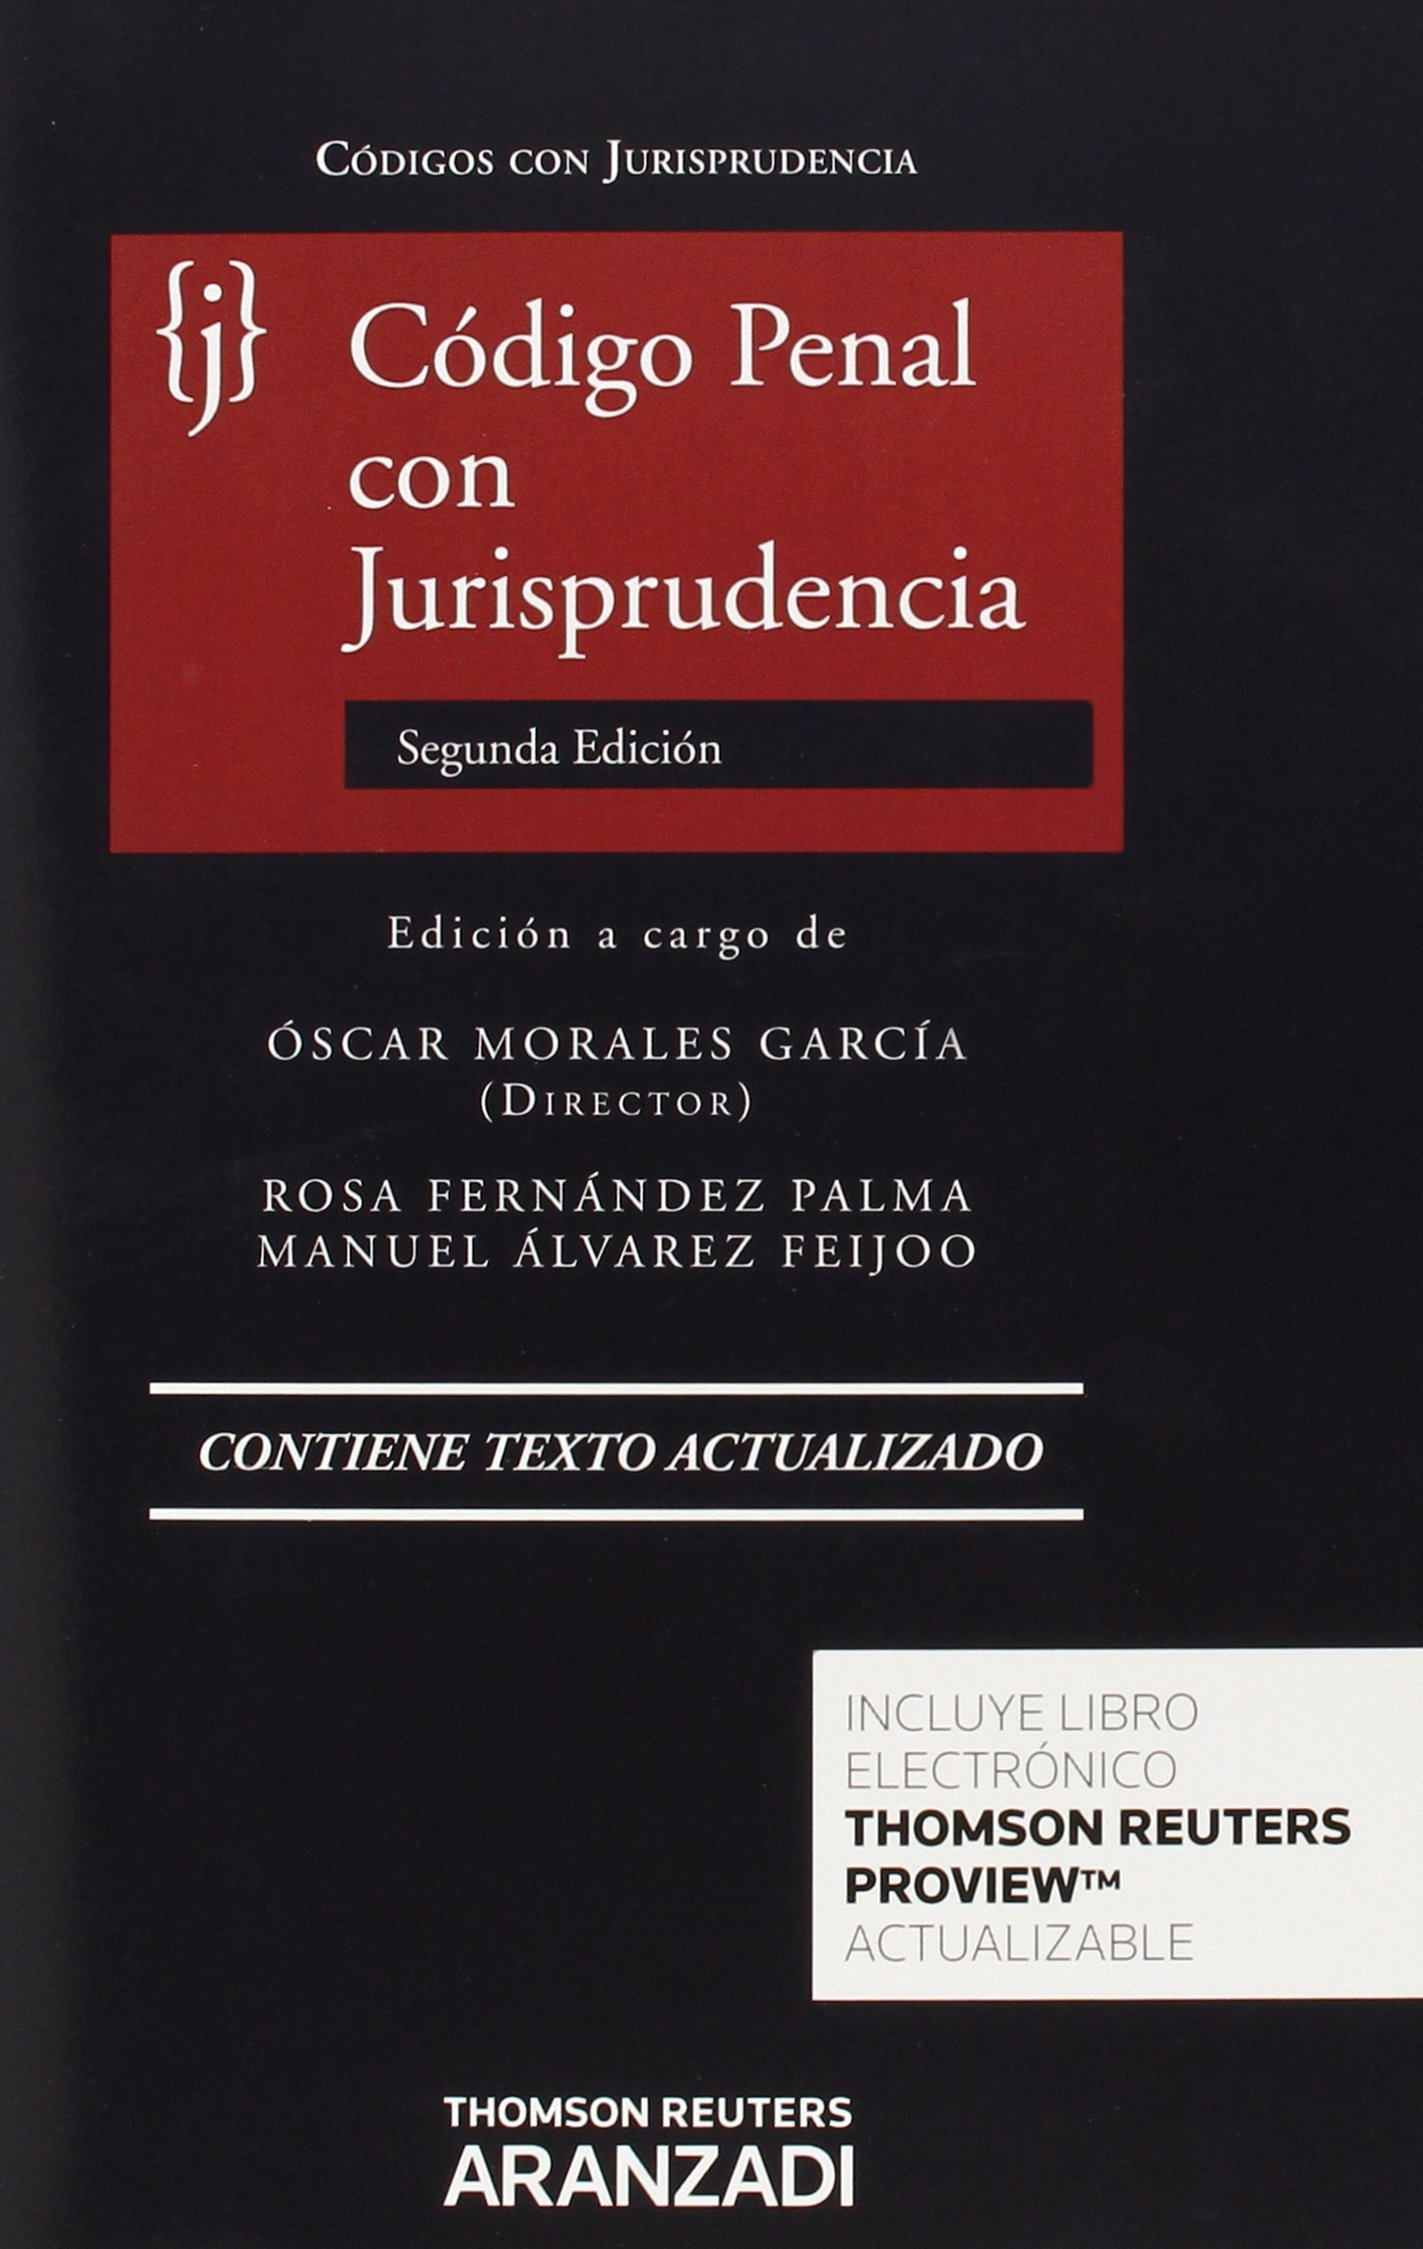 Código penal con jurisprudencia 2ª ed. Código con Jurisprudencia: Amazon.es: Álvarez Feijoo, Manuel, Fernández Palma, Rosa, Morales García, Oscar: Libros